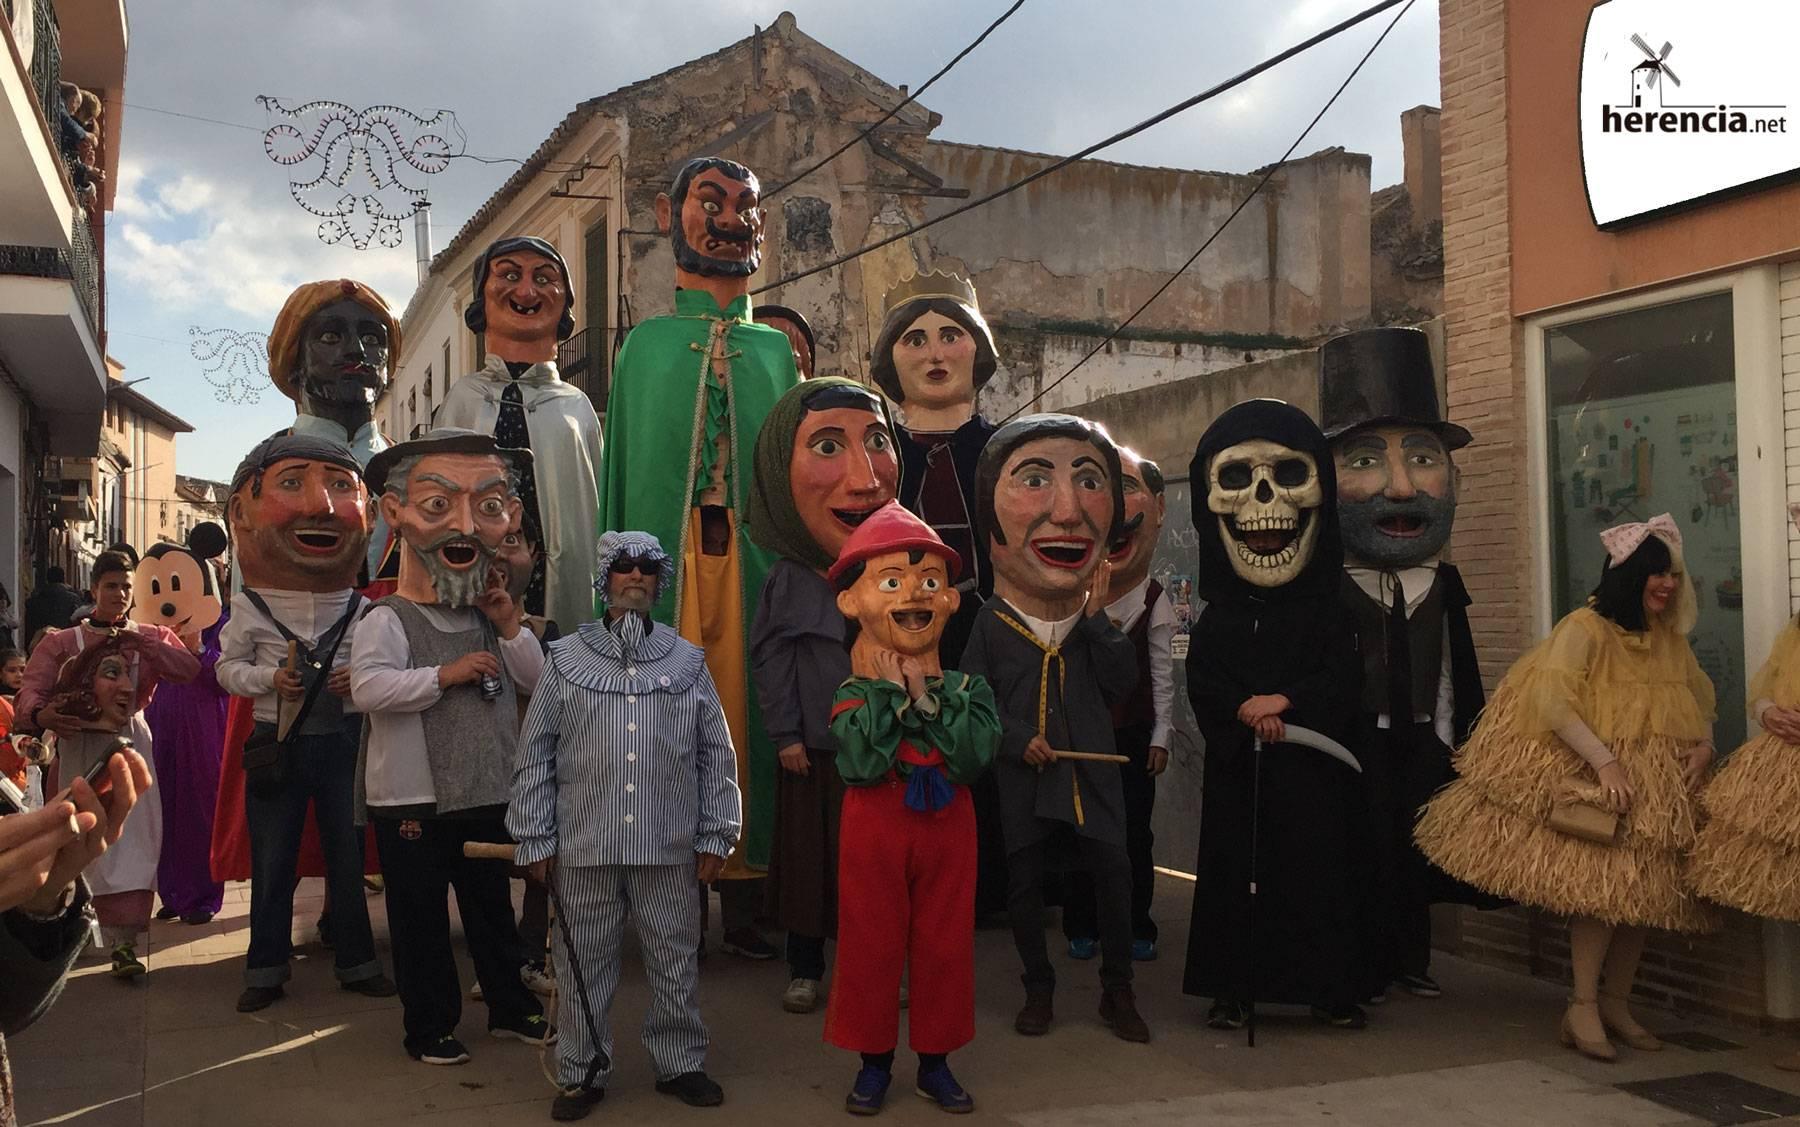 """perle gigantes cabezudos carnaval herencia - Carnaval de Herencia premiada en los XIV """"Premios Comunicación"""" de Cadena SER"""